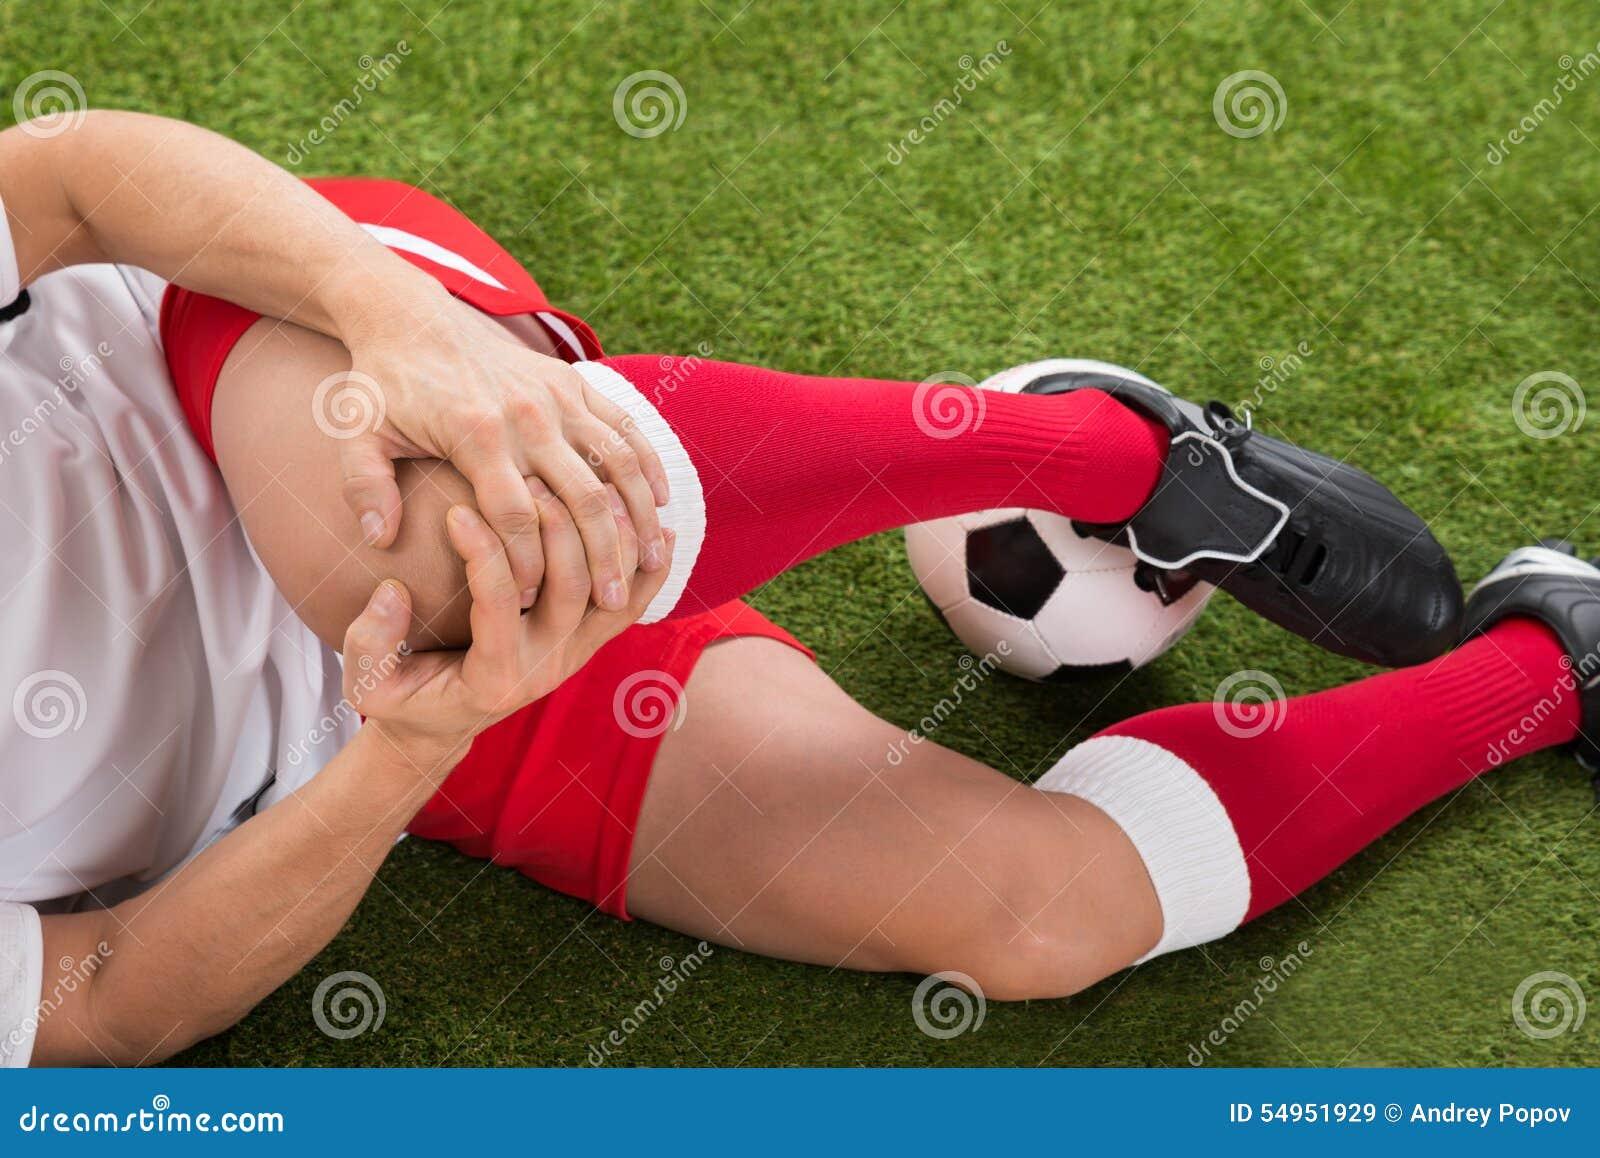 Jugador de fútbol que sufre de lesión de rodilla